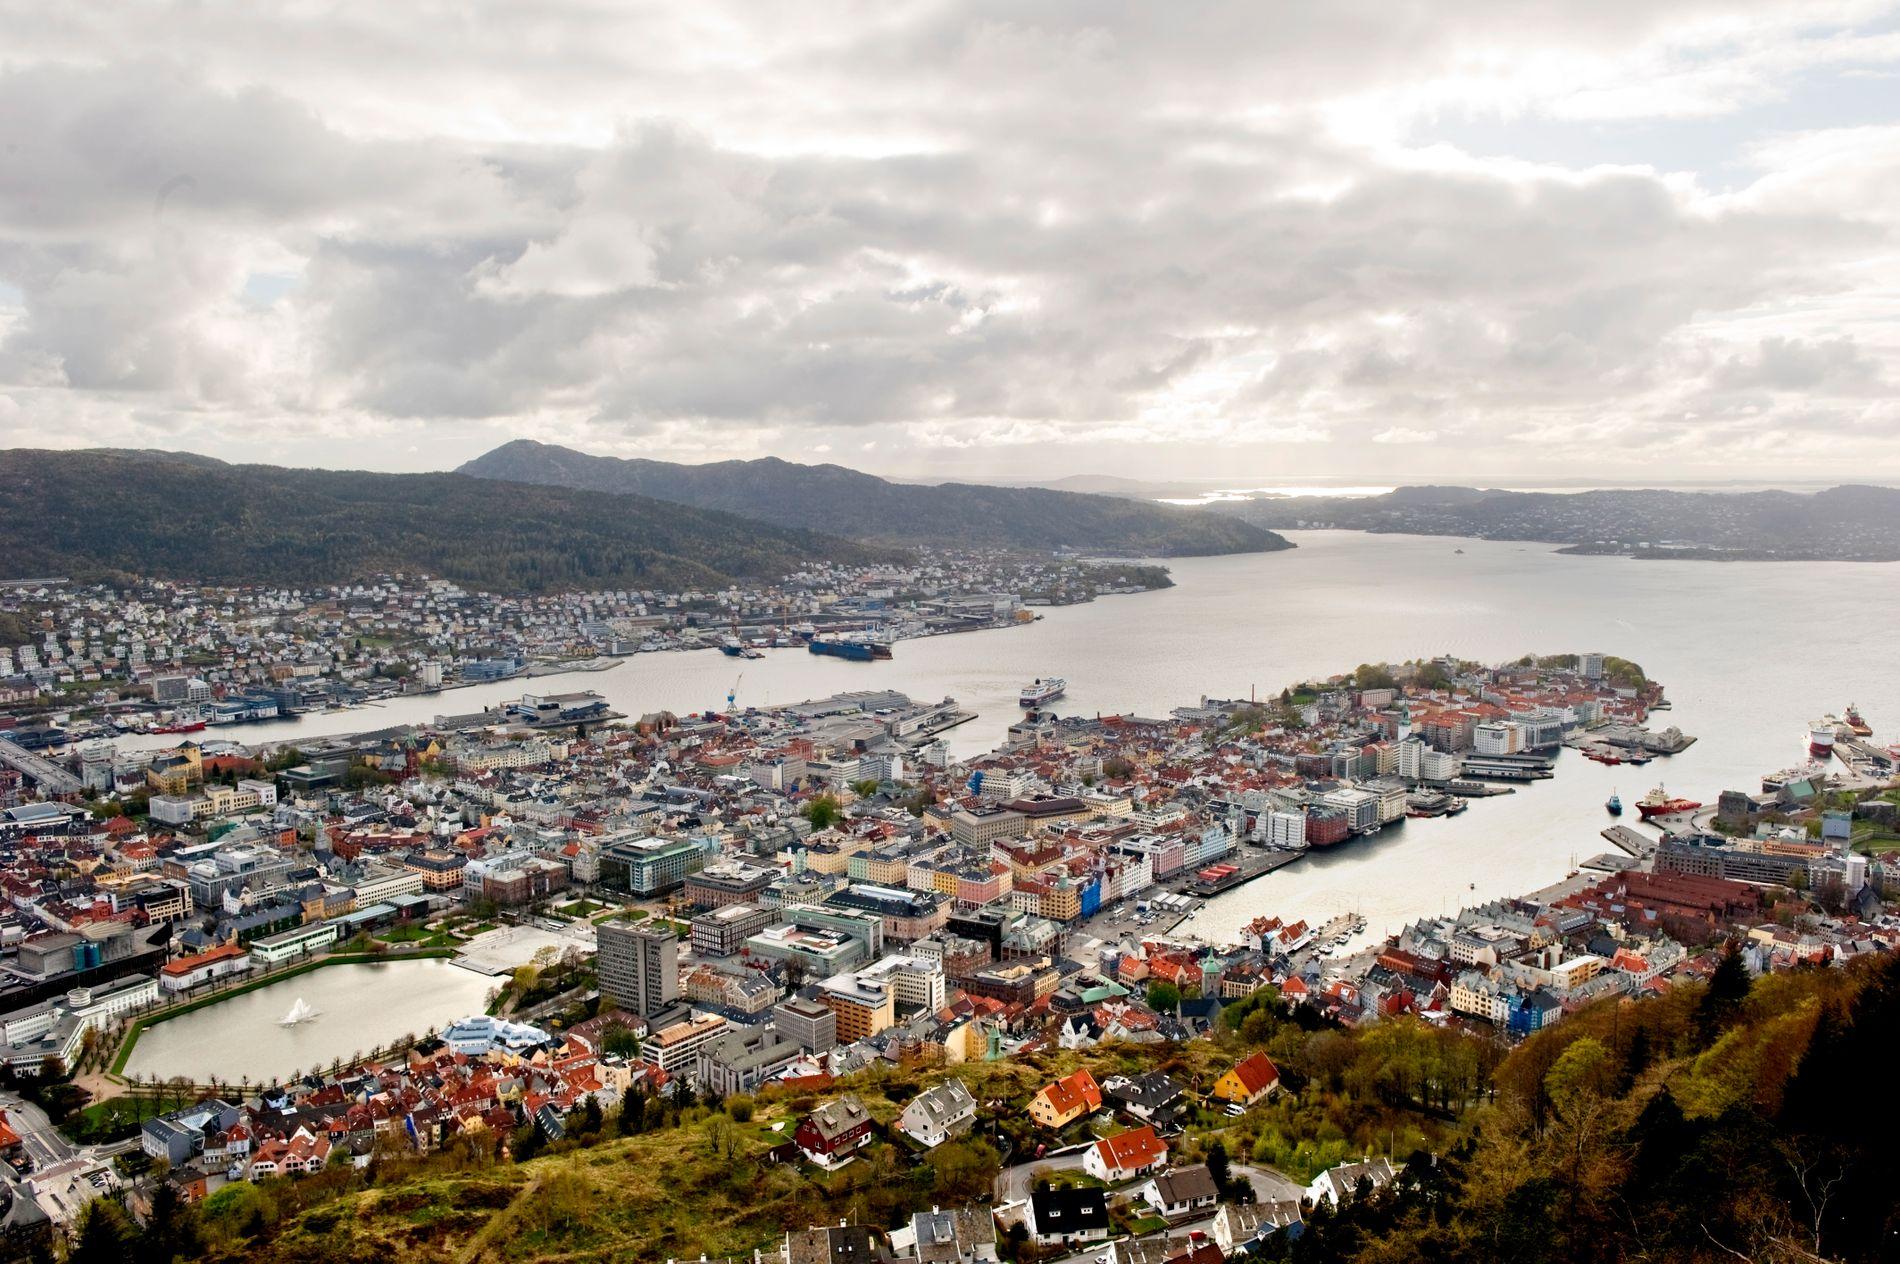 MAKTSENTRUM: «Stor-Bergen» får ei enno sterkare posisjon etter kommunesamanslåingane. Det er ei utfordring for små kommunar i utkanten av fylket, meiner innsendaren.